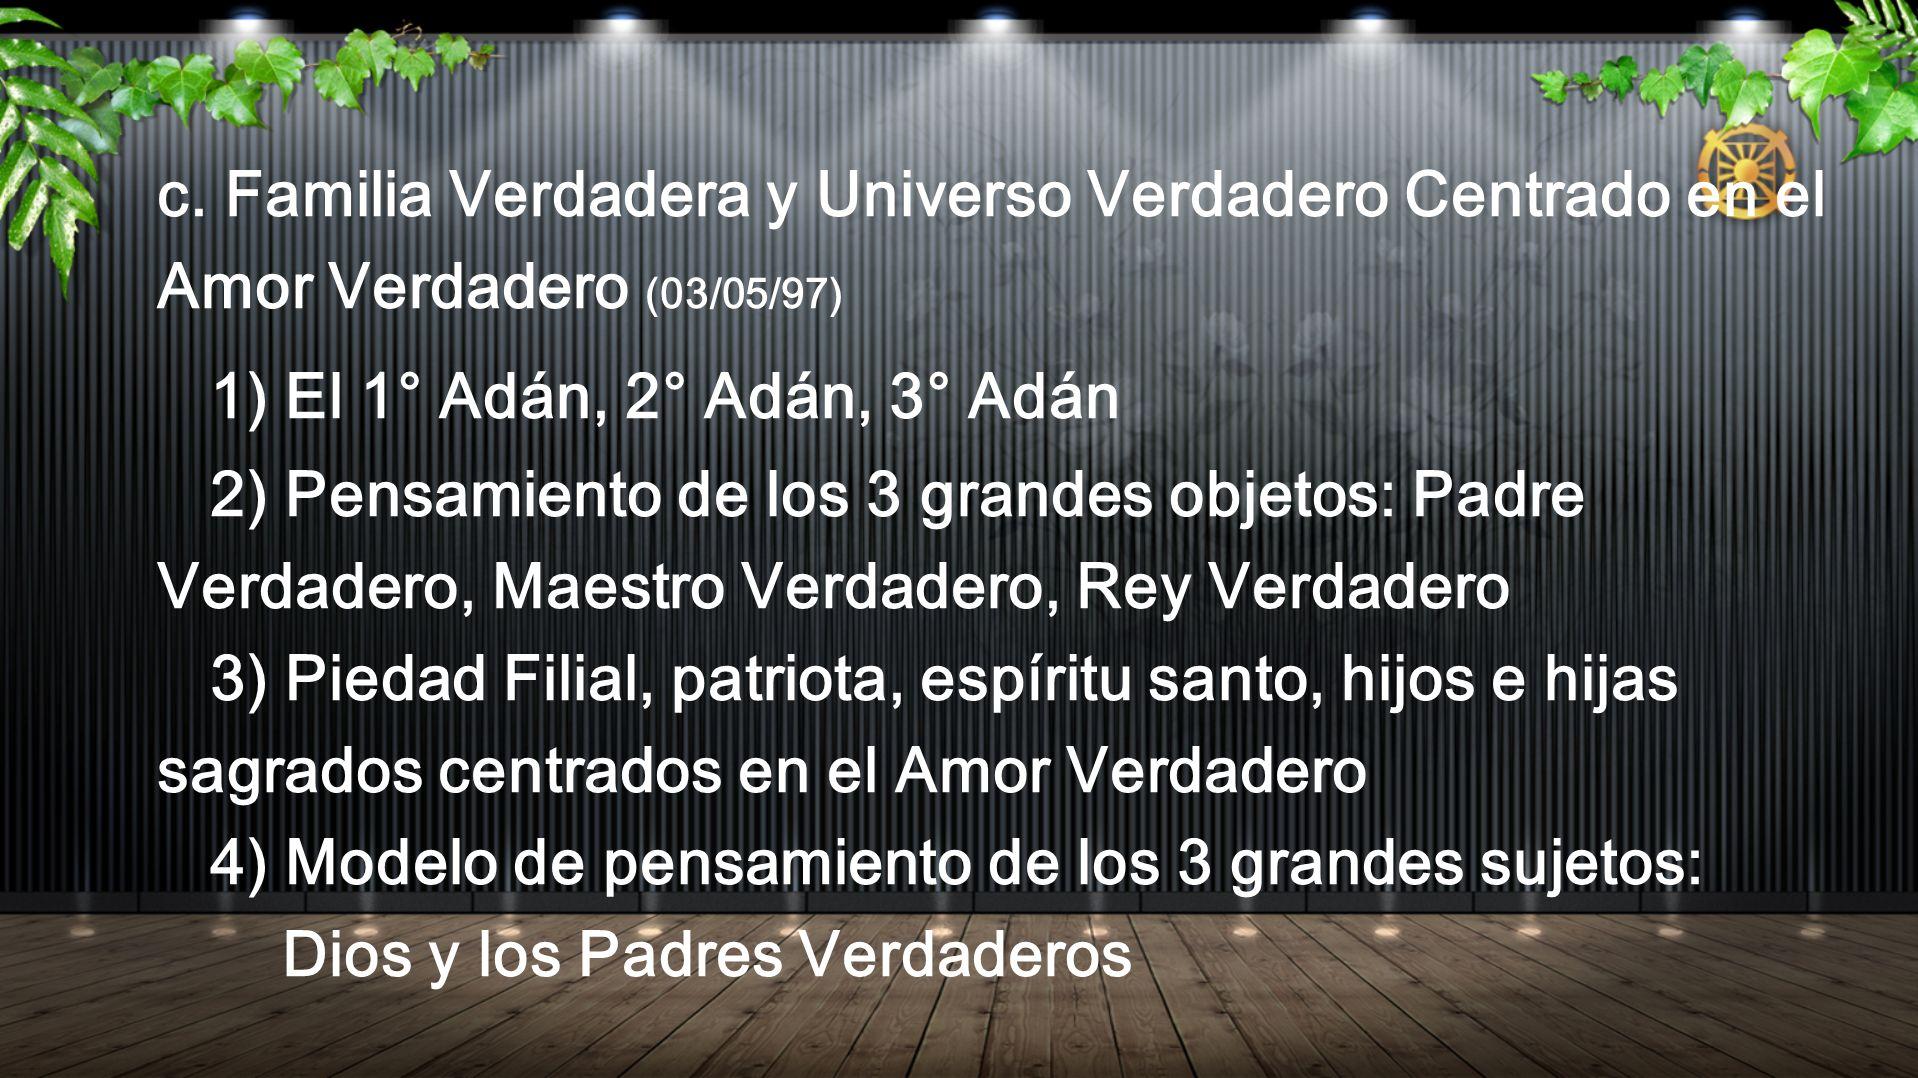 c. Familia Verdadera y Universo Verdadero Centrado en el Amor Verdadero (03/05/97) 1) El 1° Adán, 2° Adán, 3° Adán 2) Pensamiento de los 3 grandes obj